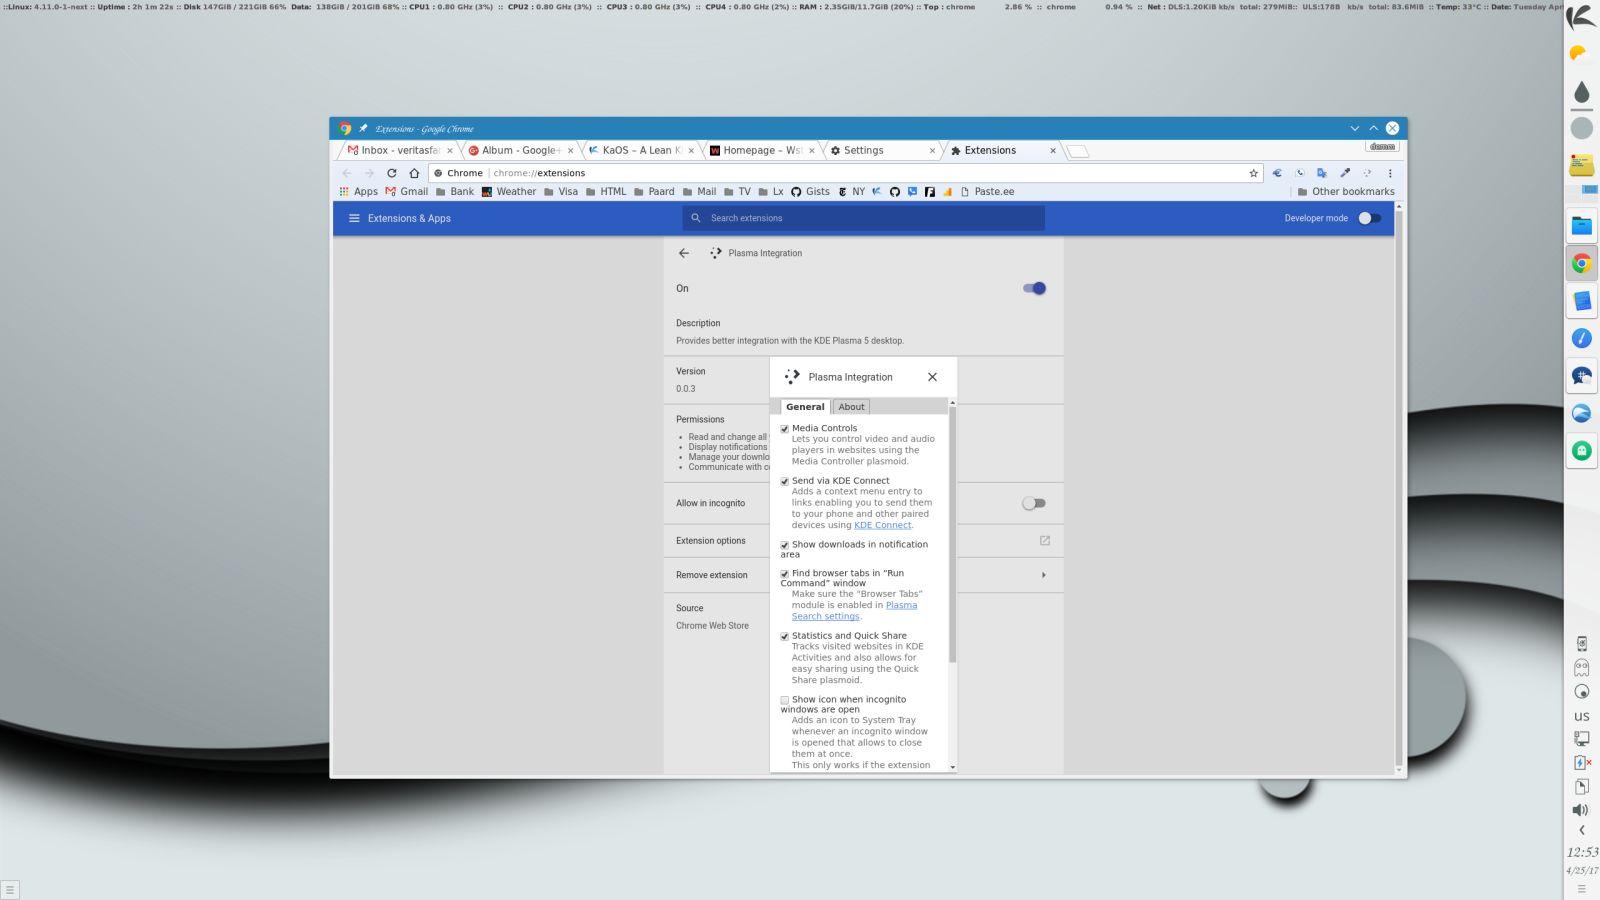 Extensión para integrar Google Chrome en KDE Plasma 5